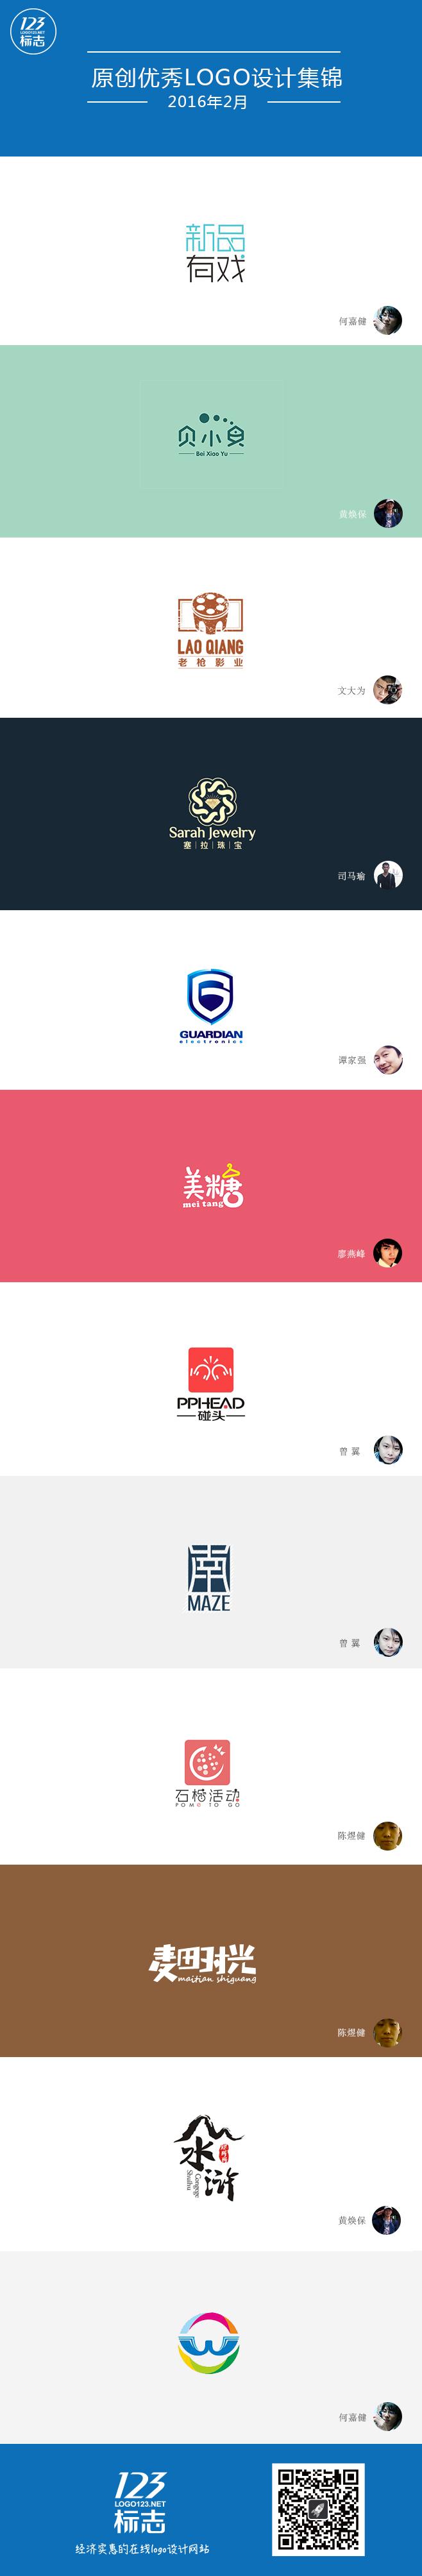 123标志原创优秀logo设计欣赏【2016年2月】